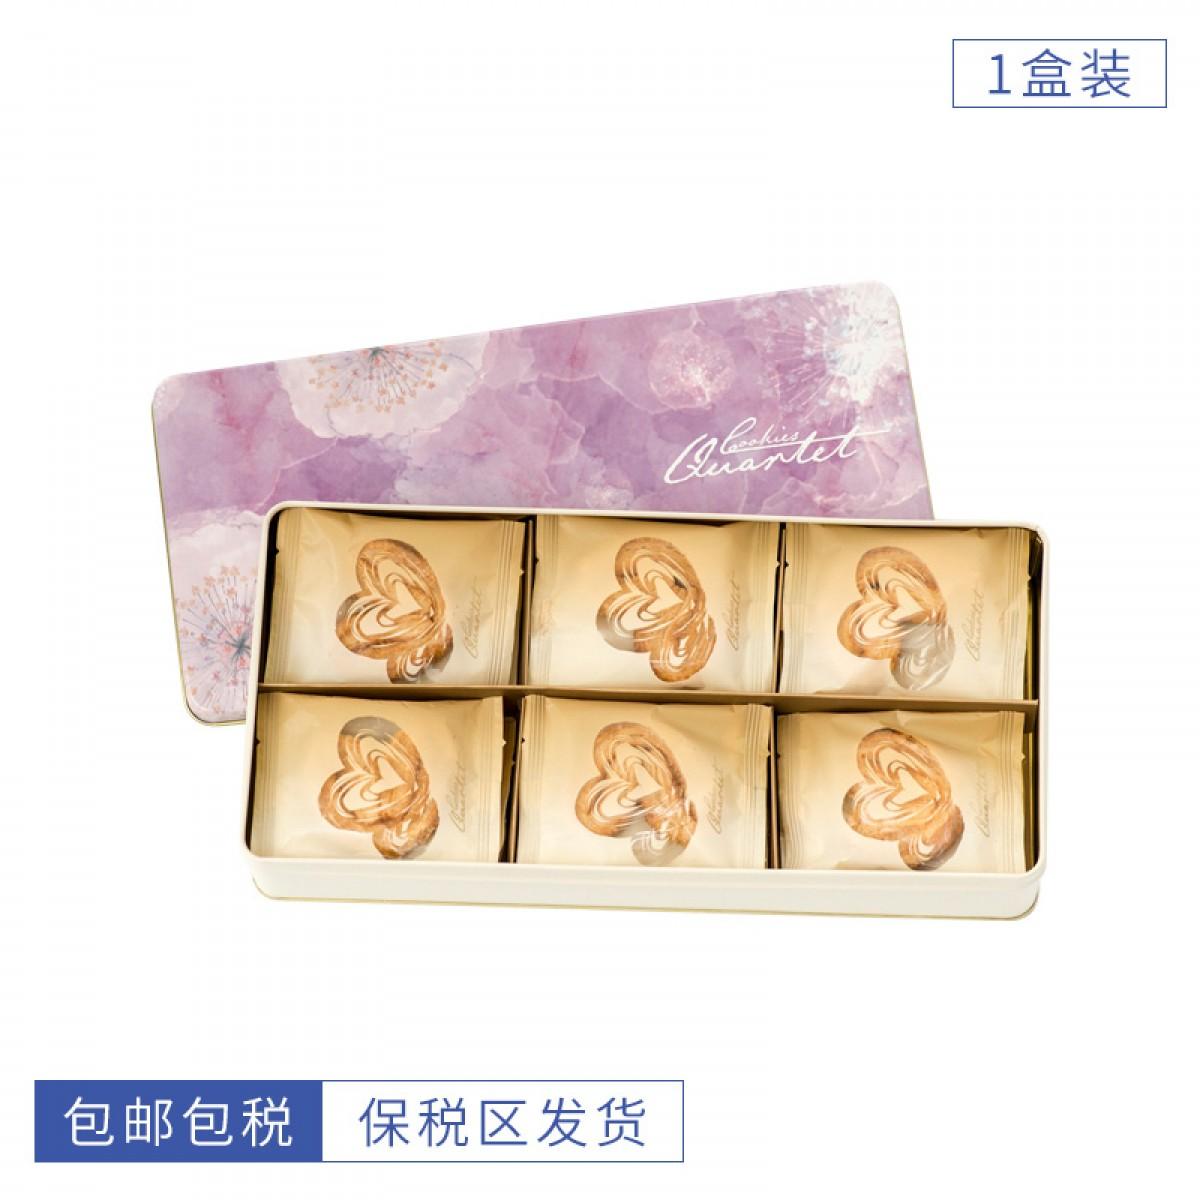 香港Cookies Quartet曲奇四重奏 原味蝴蝶酥礼盒18件 135g/盒 保税发货